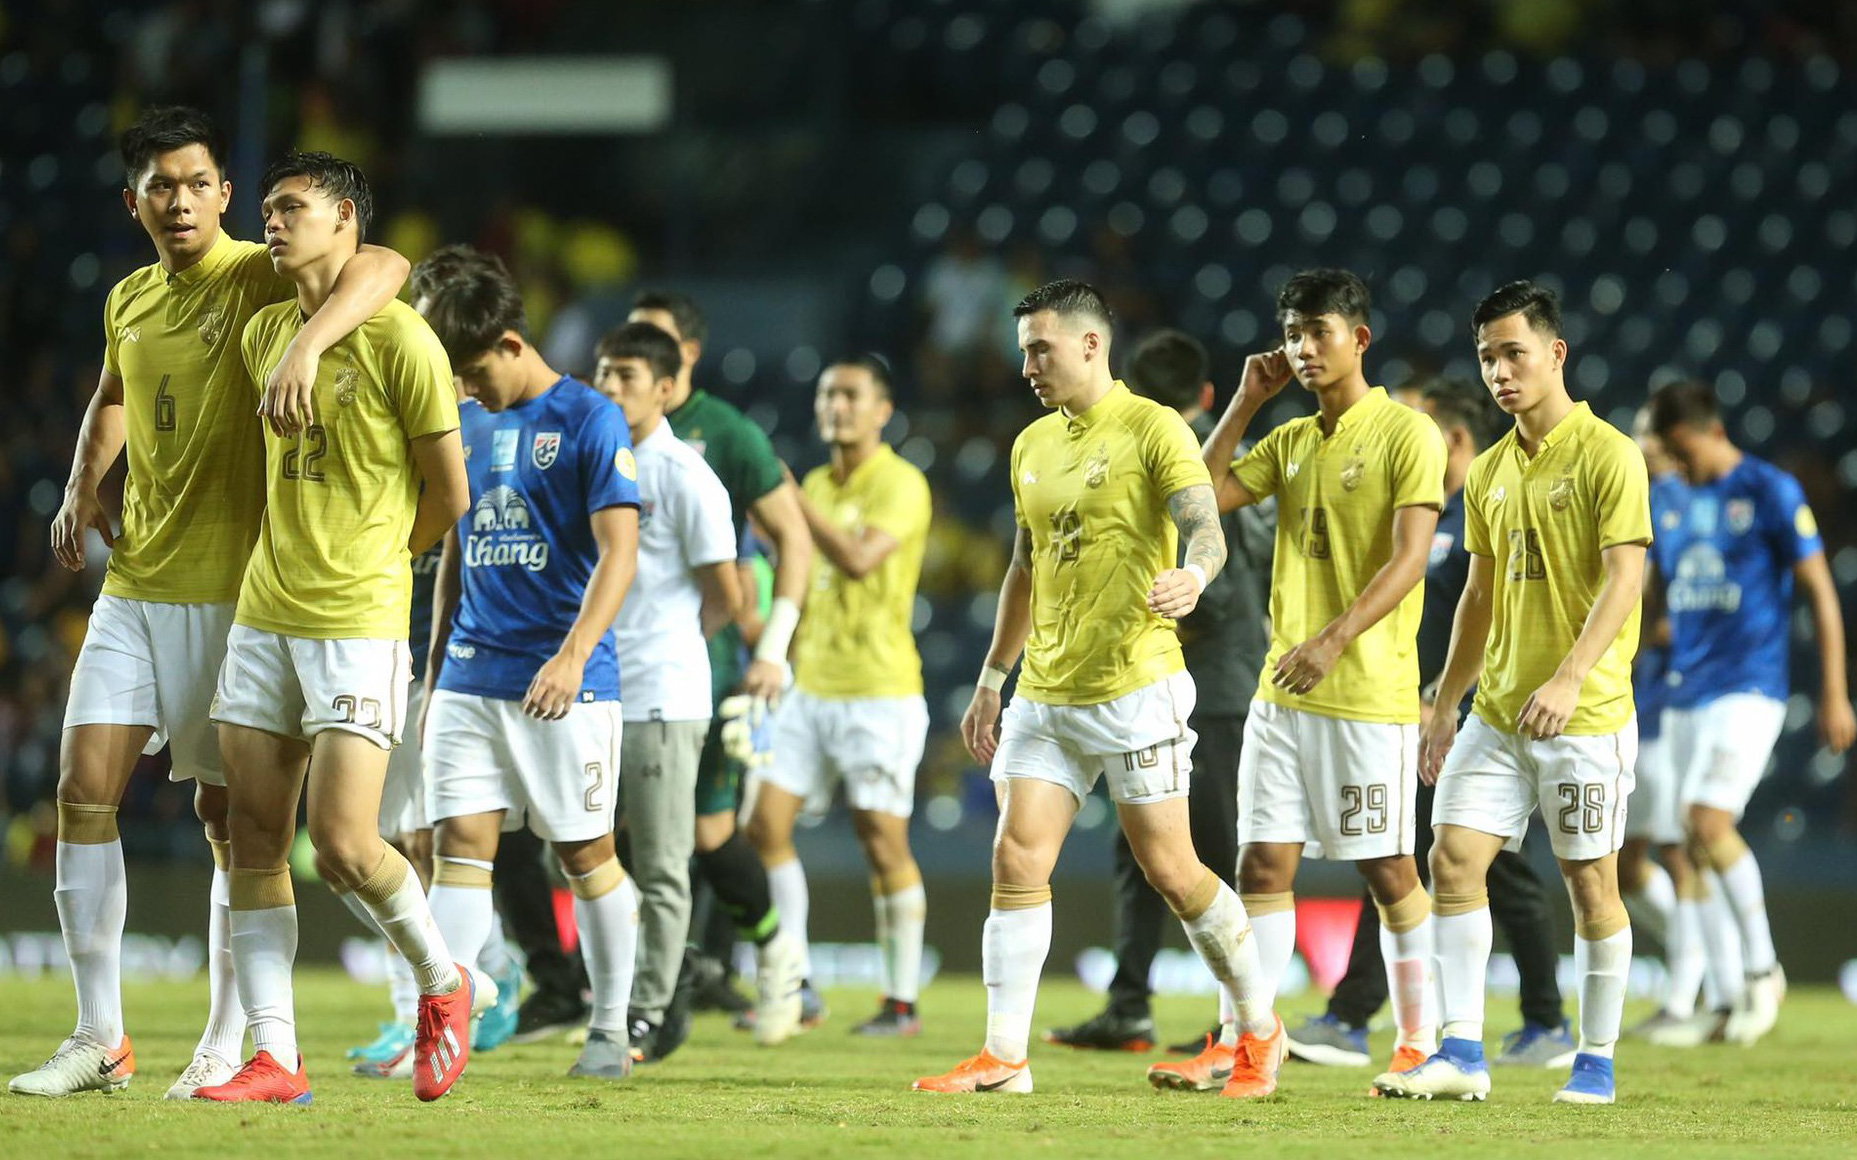 Bóng đá Thái Lan phải ''vái tứ phương'', đi vay tiền để tránh khủng hoảng